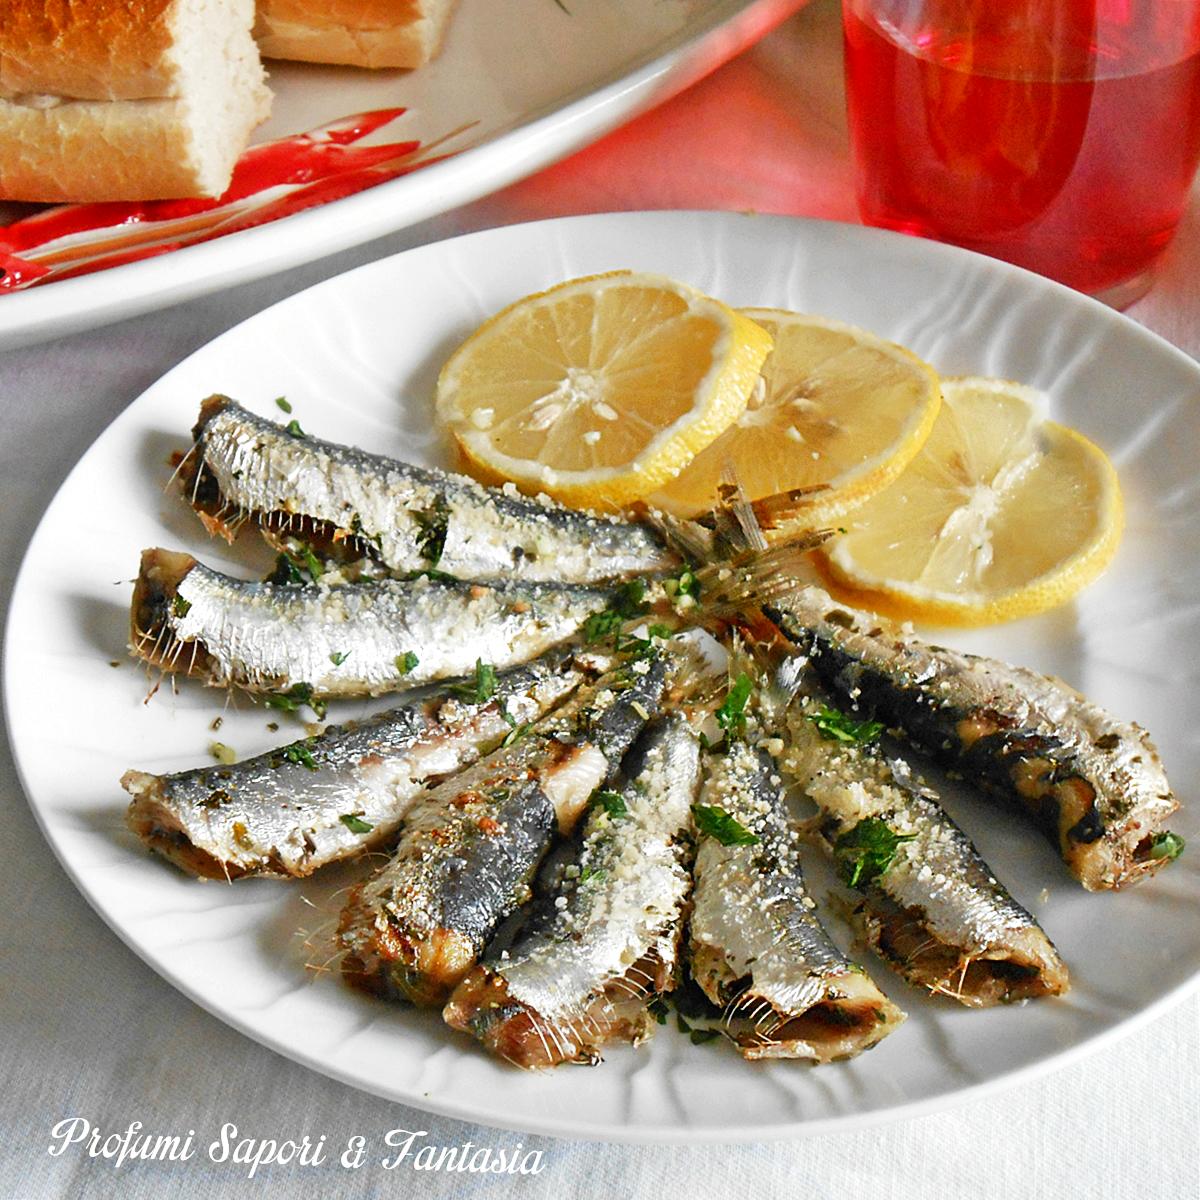 Sarde al forno una ricetta facile di pesce - Ricette con forno a vapore ...